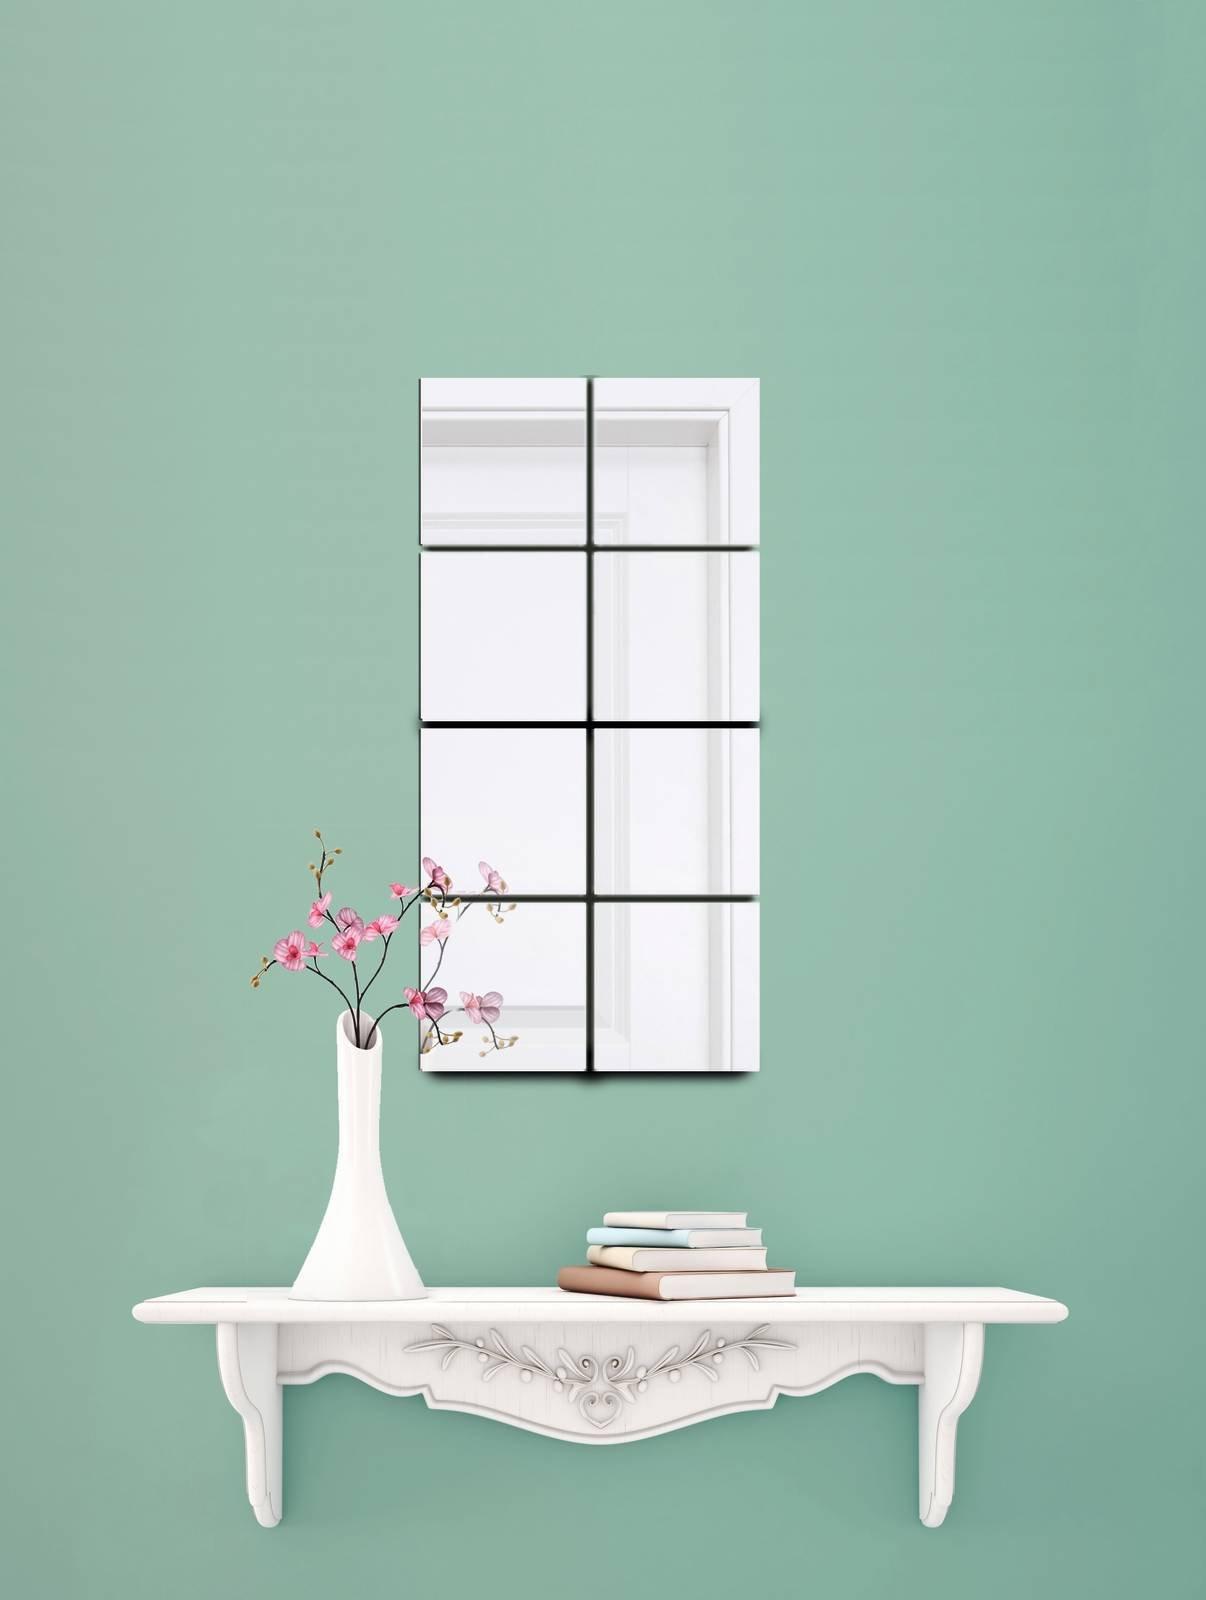 Adesivi c per parete o pavimento 14 soluzioni per un - Adesivi parete ikea ...